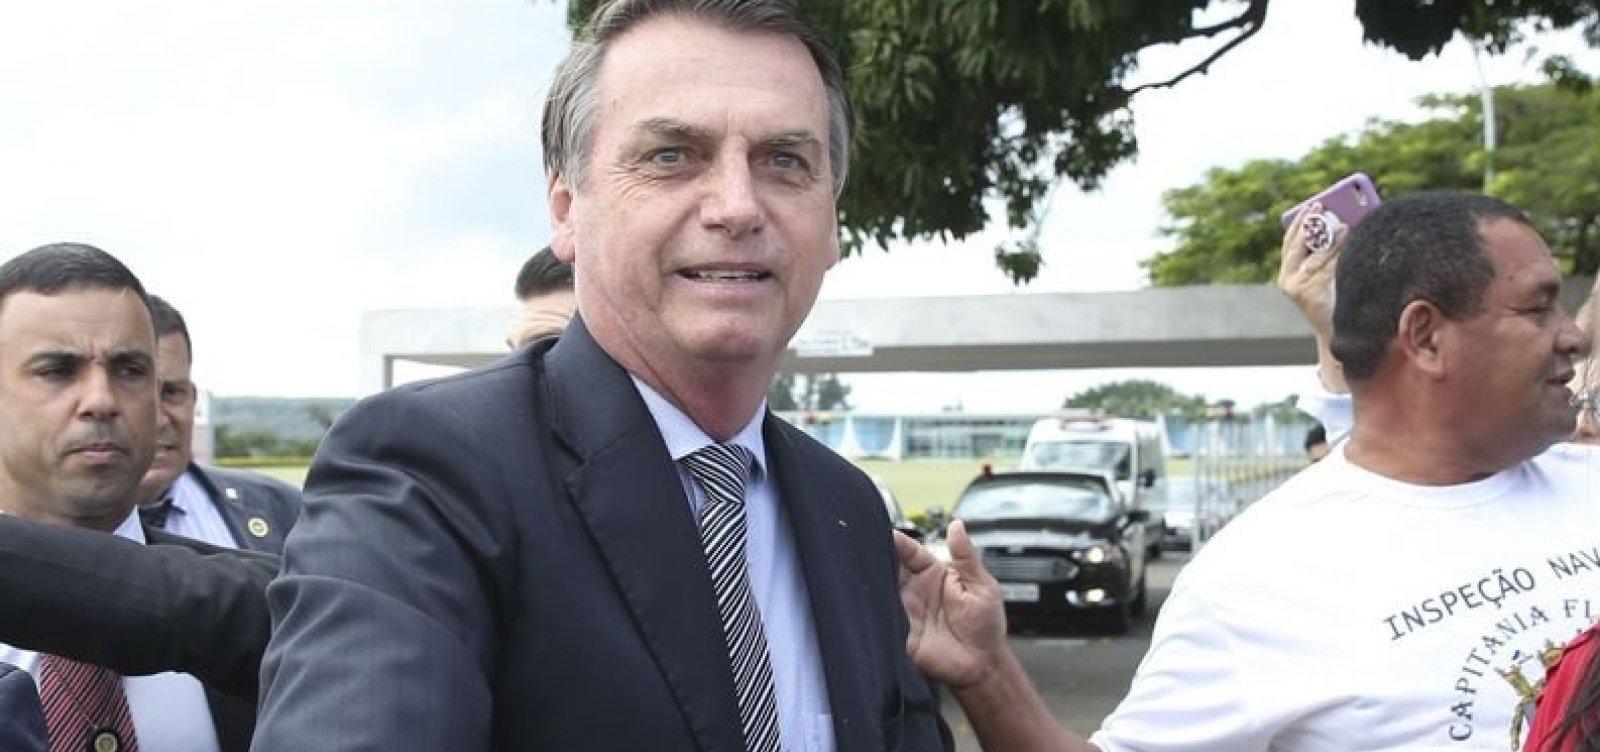 Bolsonaro diz que Brasil é 'um país maravilhoso, mas o grande problema é a classe política'